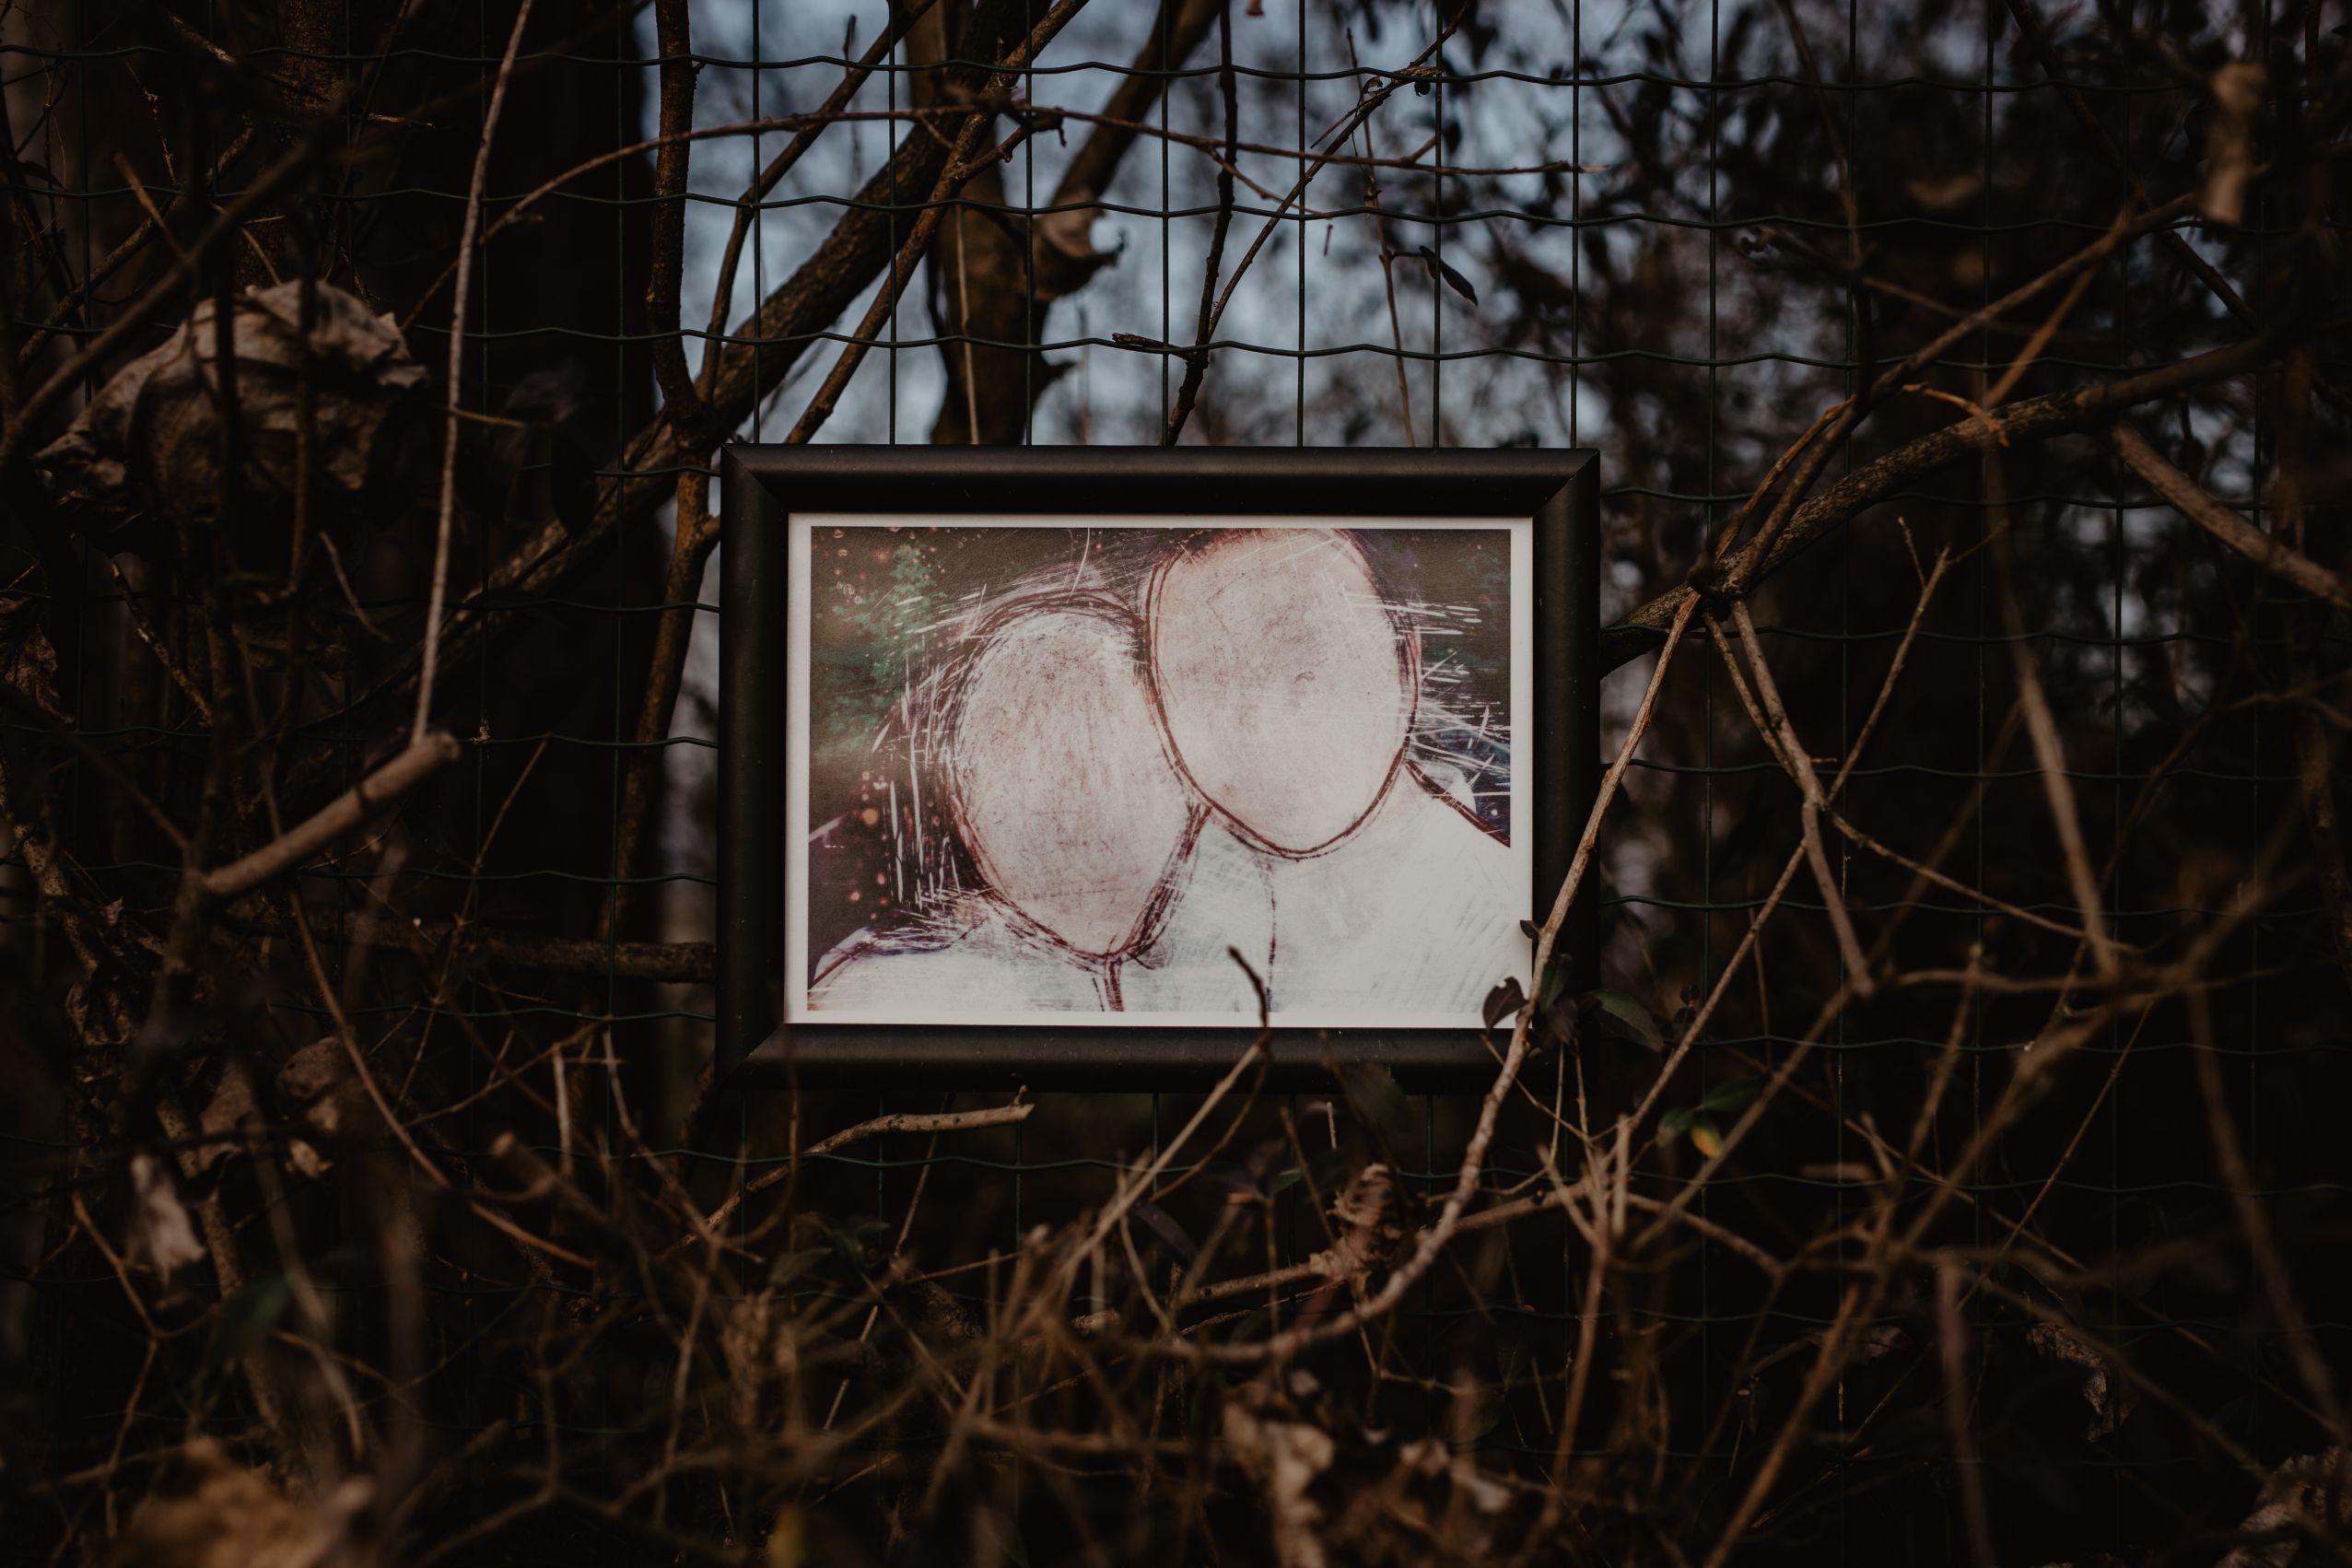 l-over | mostra fotografica | progetto artistico | fotografia | rhamely